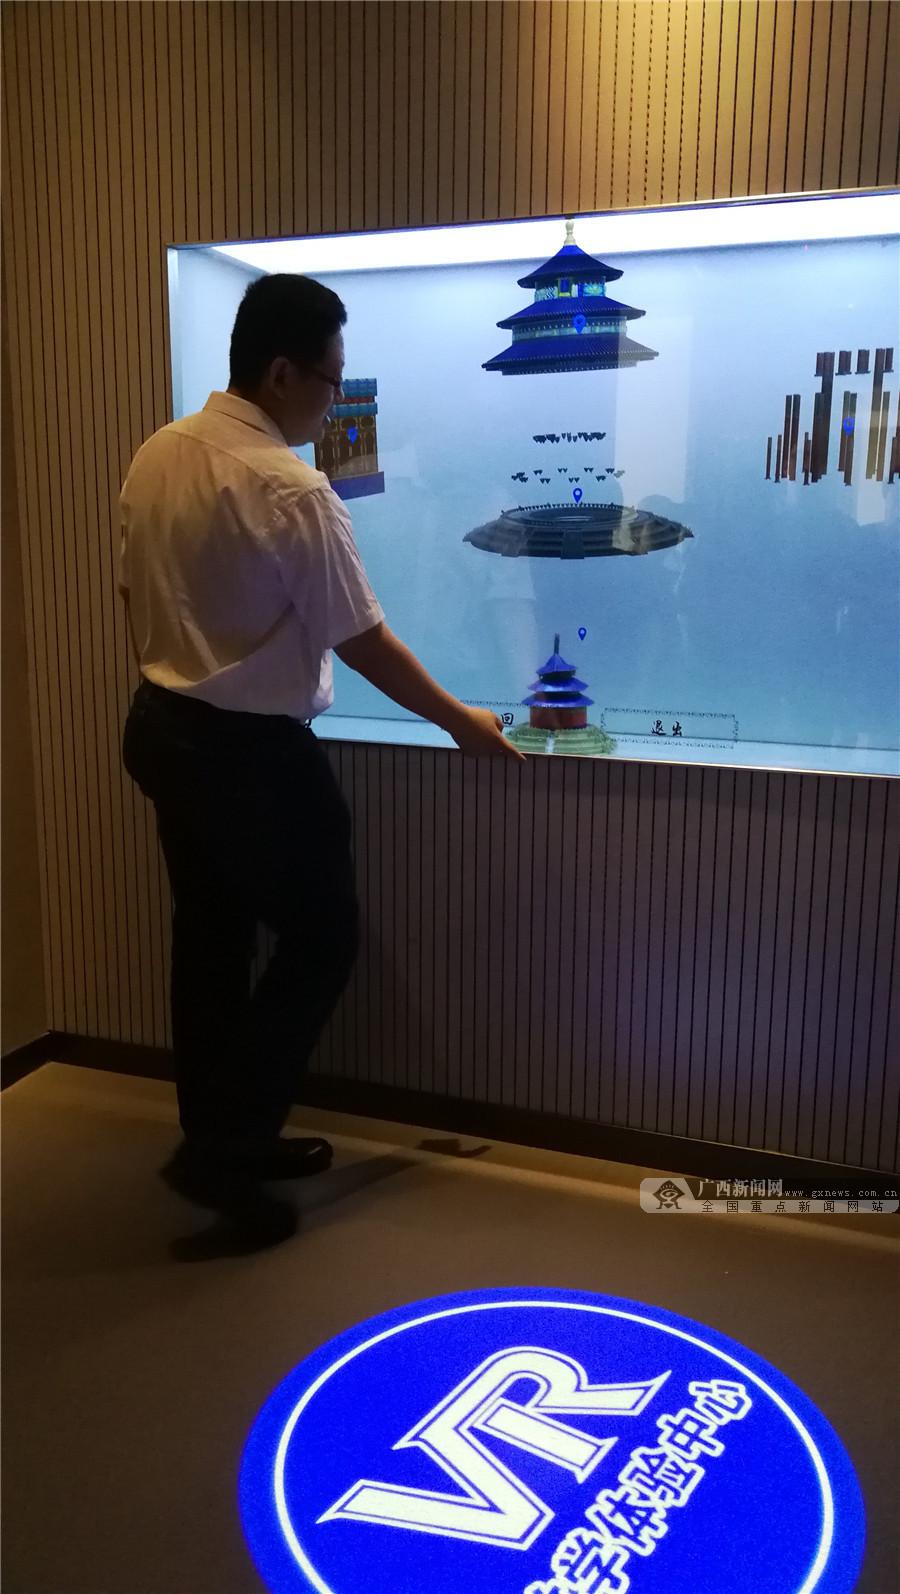 广西建院招生录取火爆 多专业紧贴行业发展受欢迎